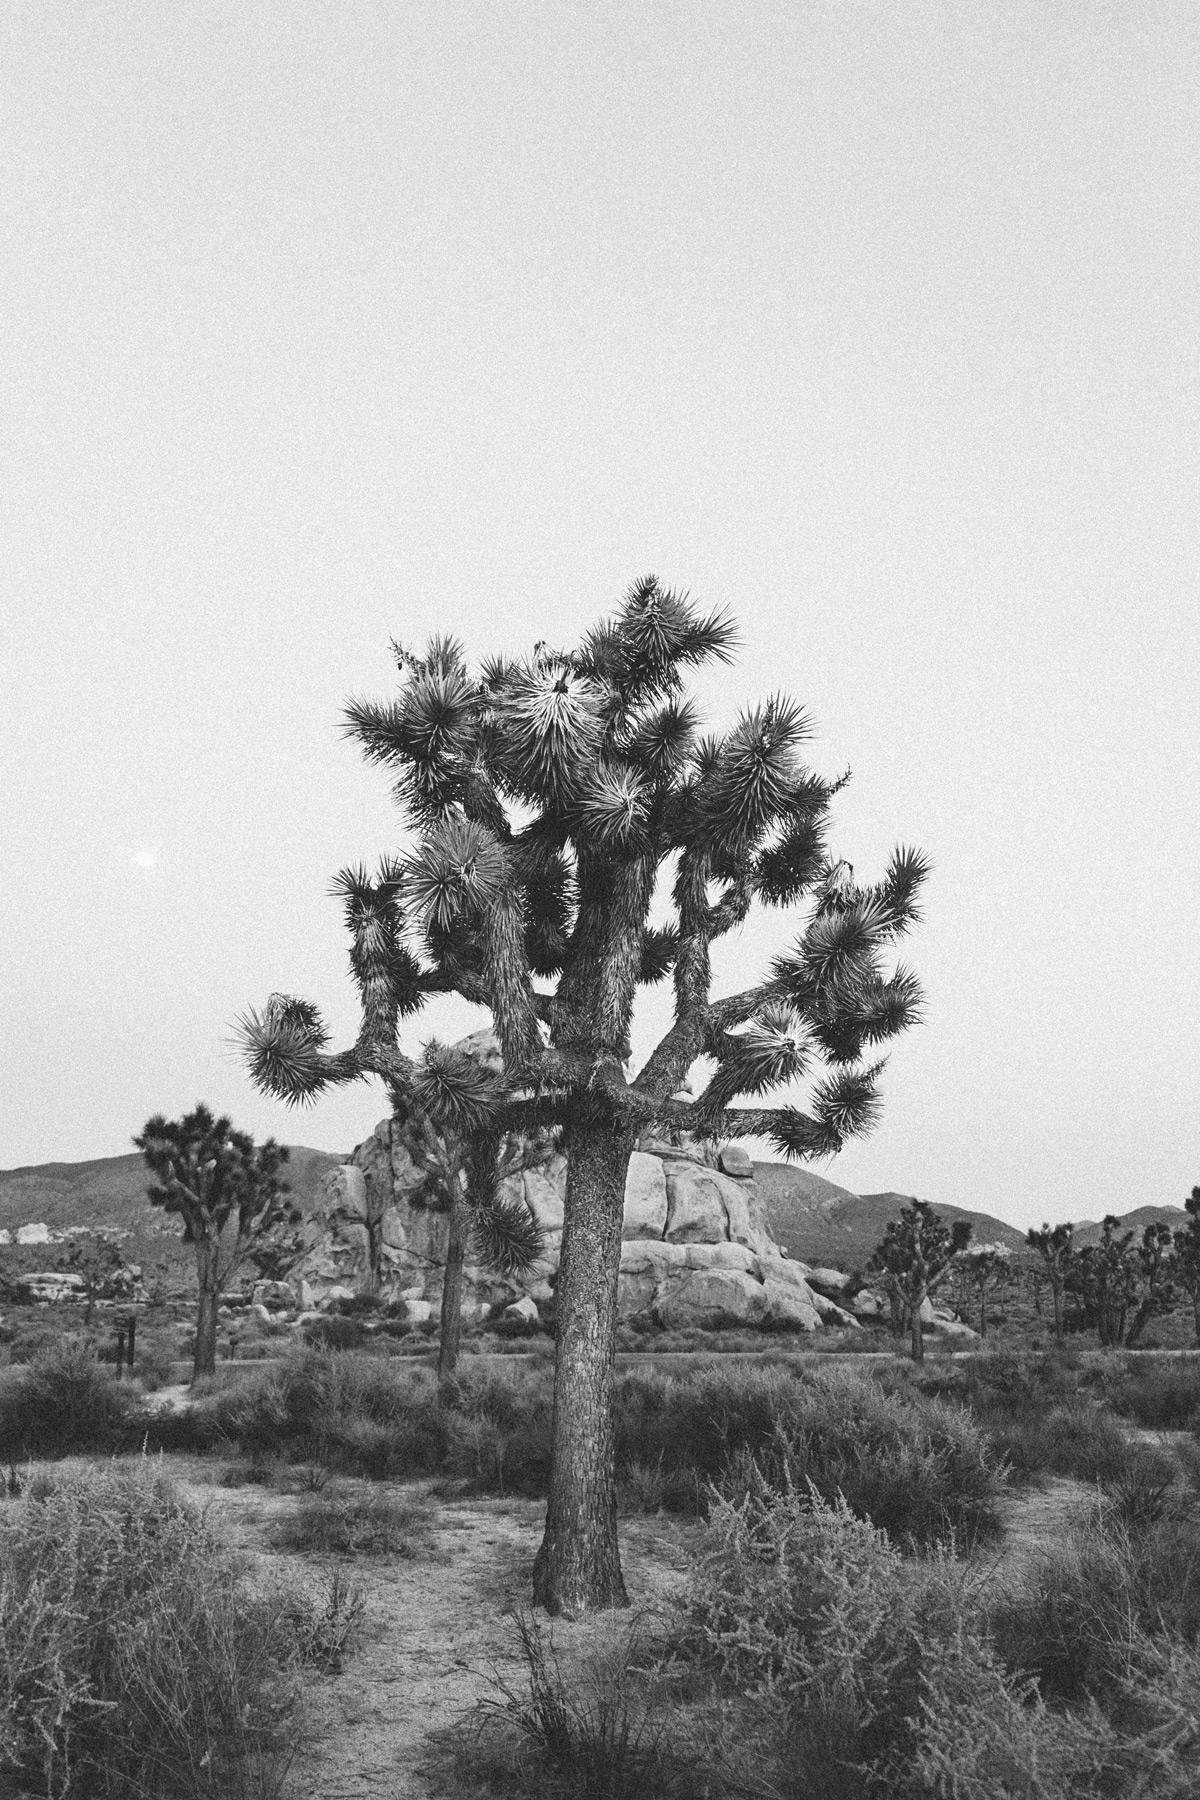 scott-snyder-photo-joshua-tree-03.jpg